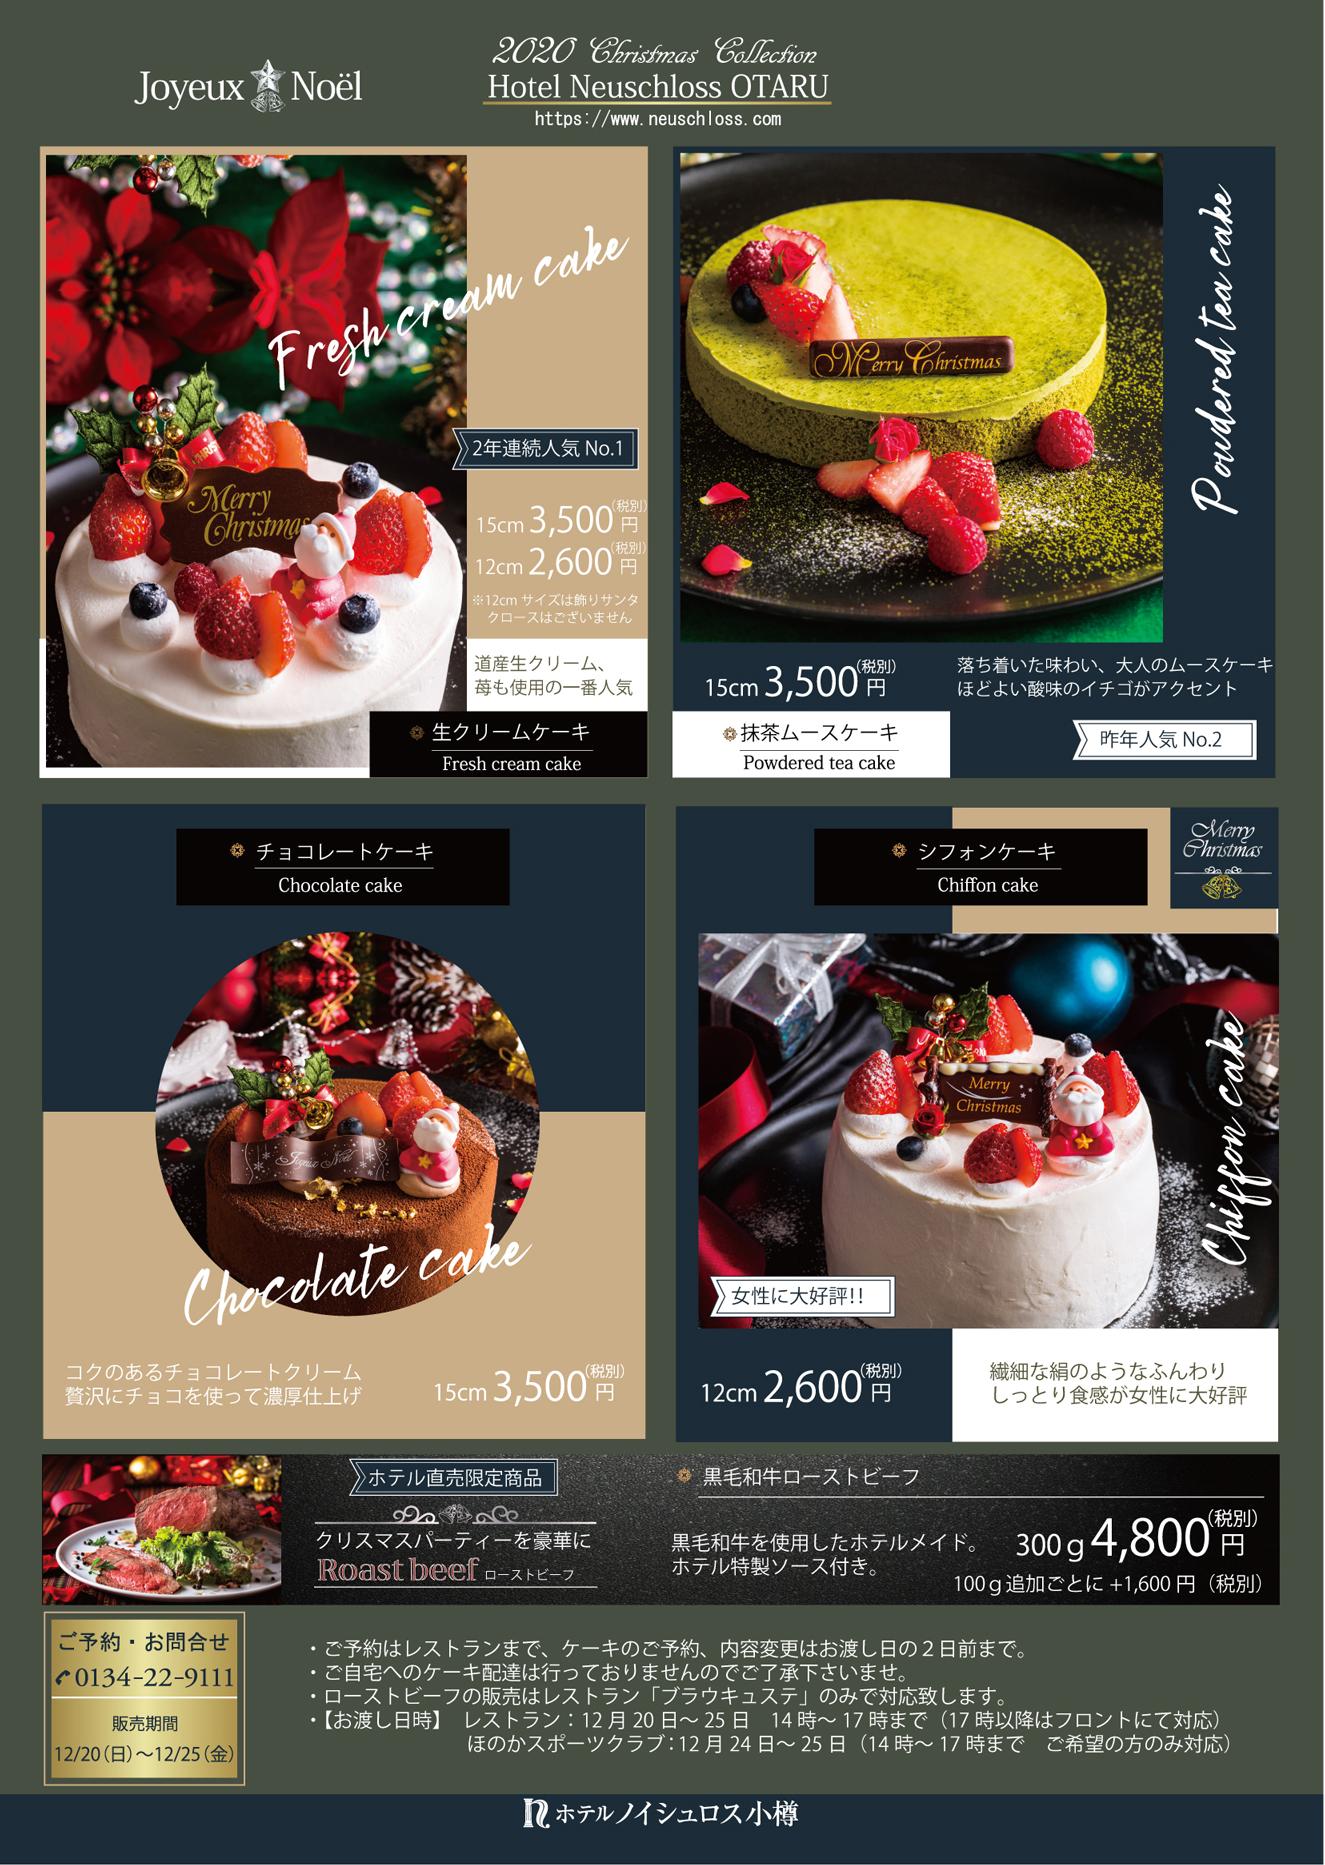 クリスマス サンタ ホワイトクリスマス 小樽 北海道 コロナ対策